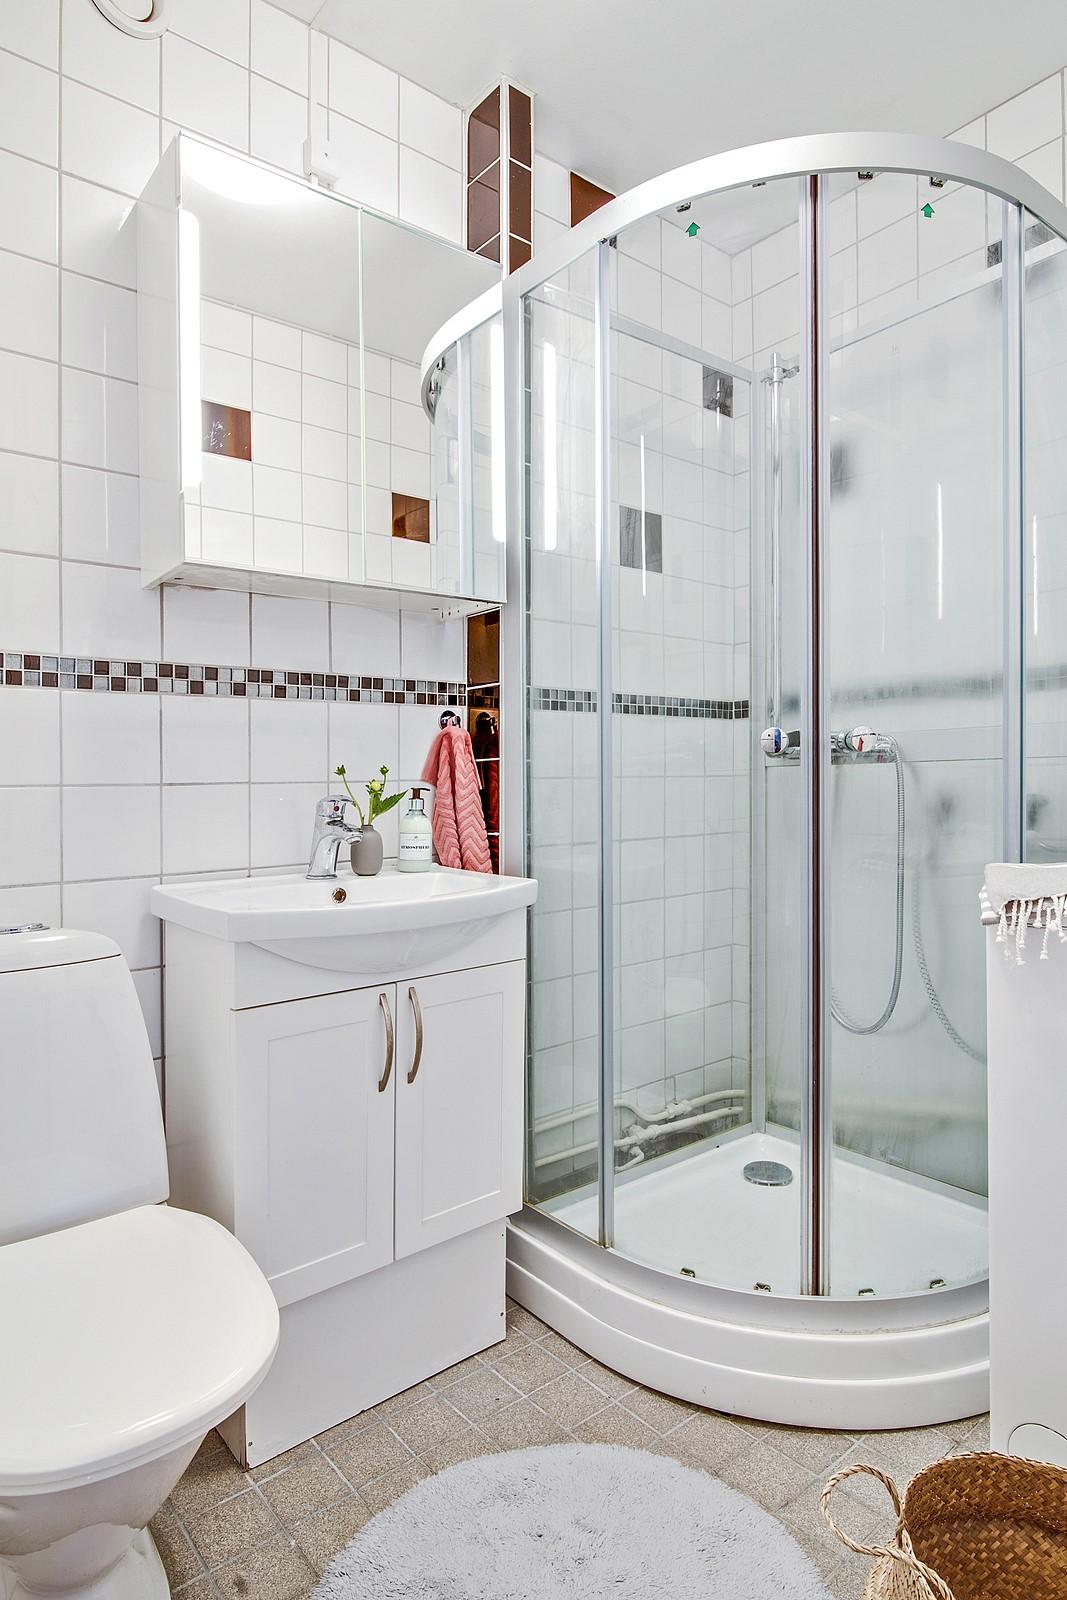 Helkaklat och ljust badrum som är utrustad med uppskattad tvättmaskin